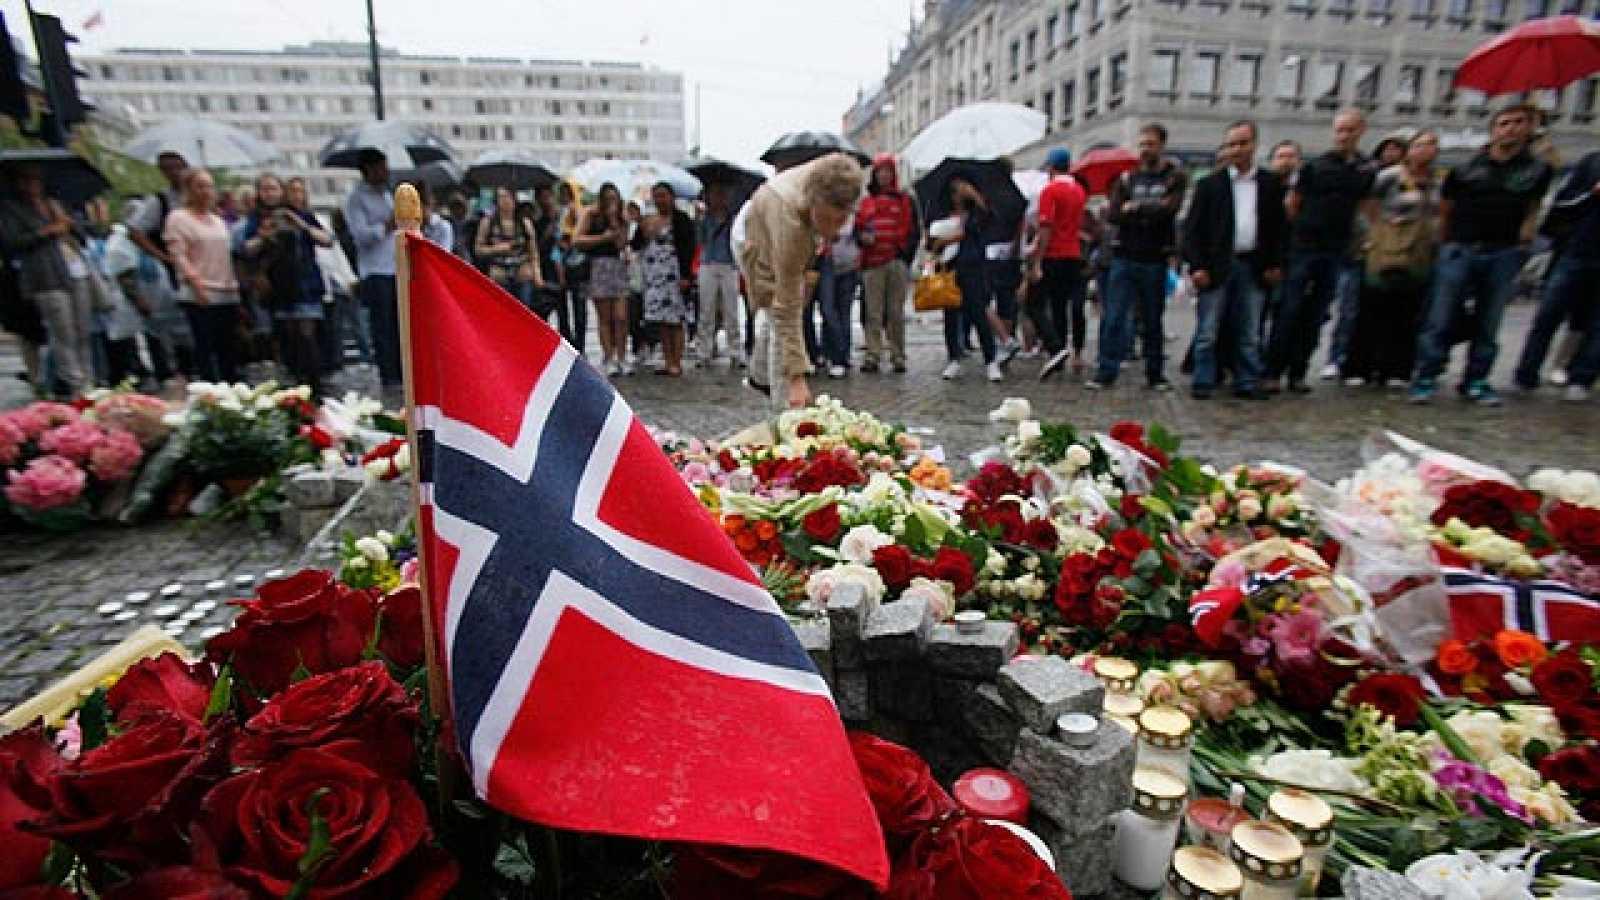 Noruega vive su peor tragedia desde la Segunda Guerra Mundial